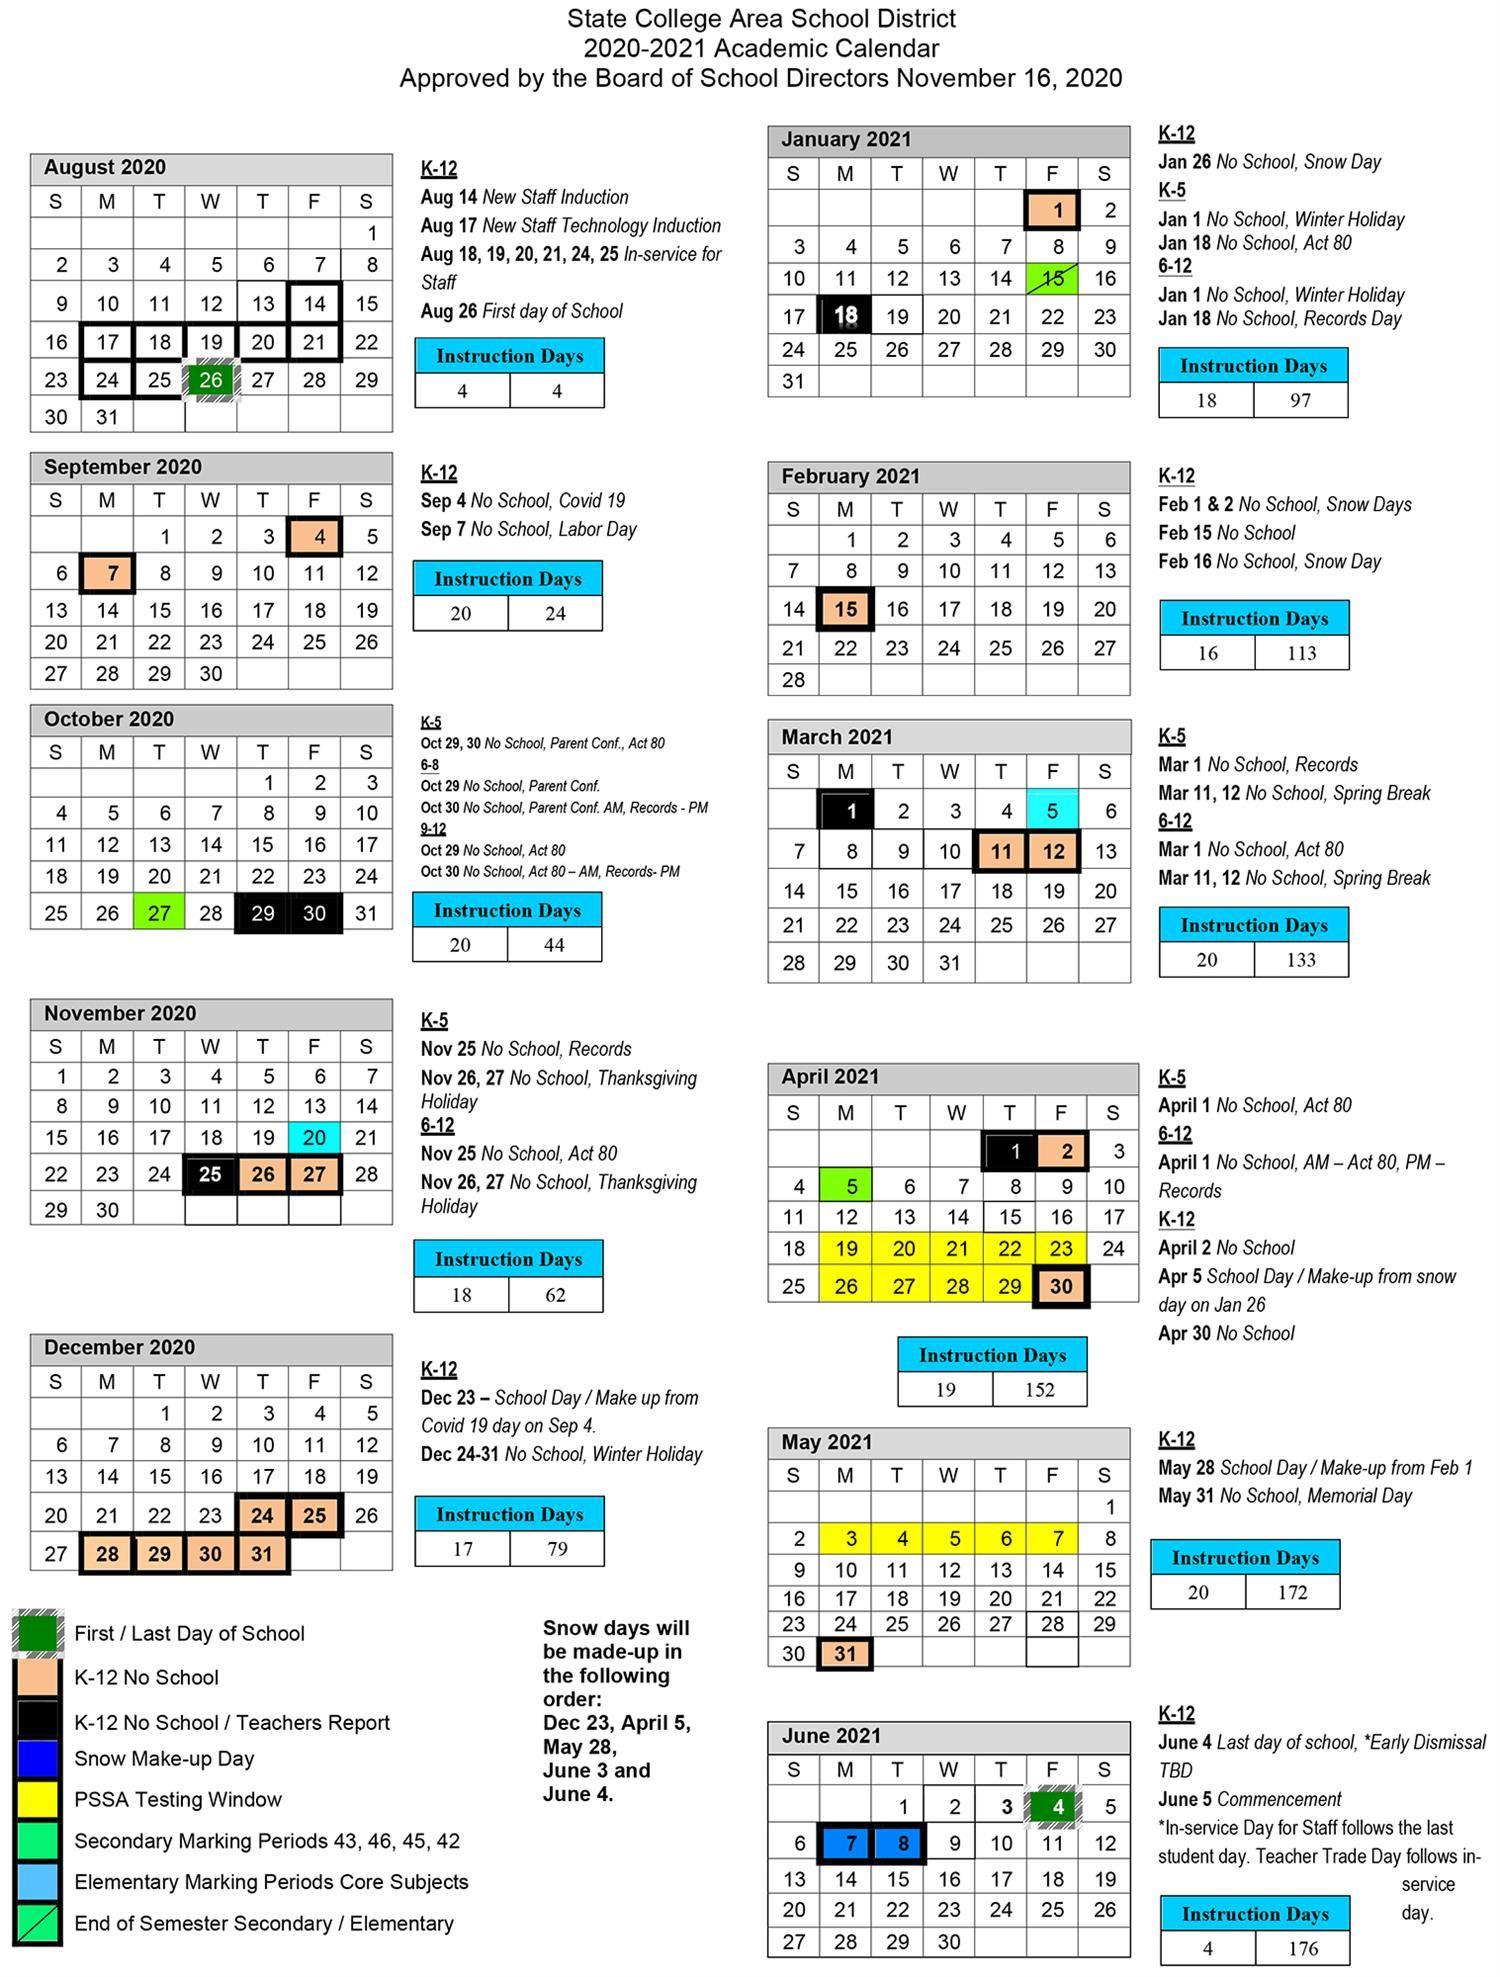 Rit Academic Calendar 2022 2023.2020 2021 Academic Calendar